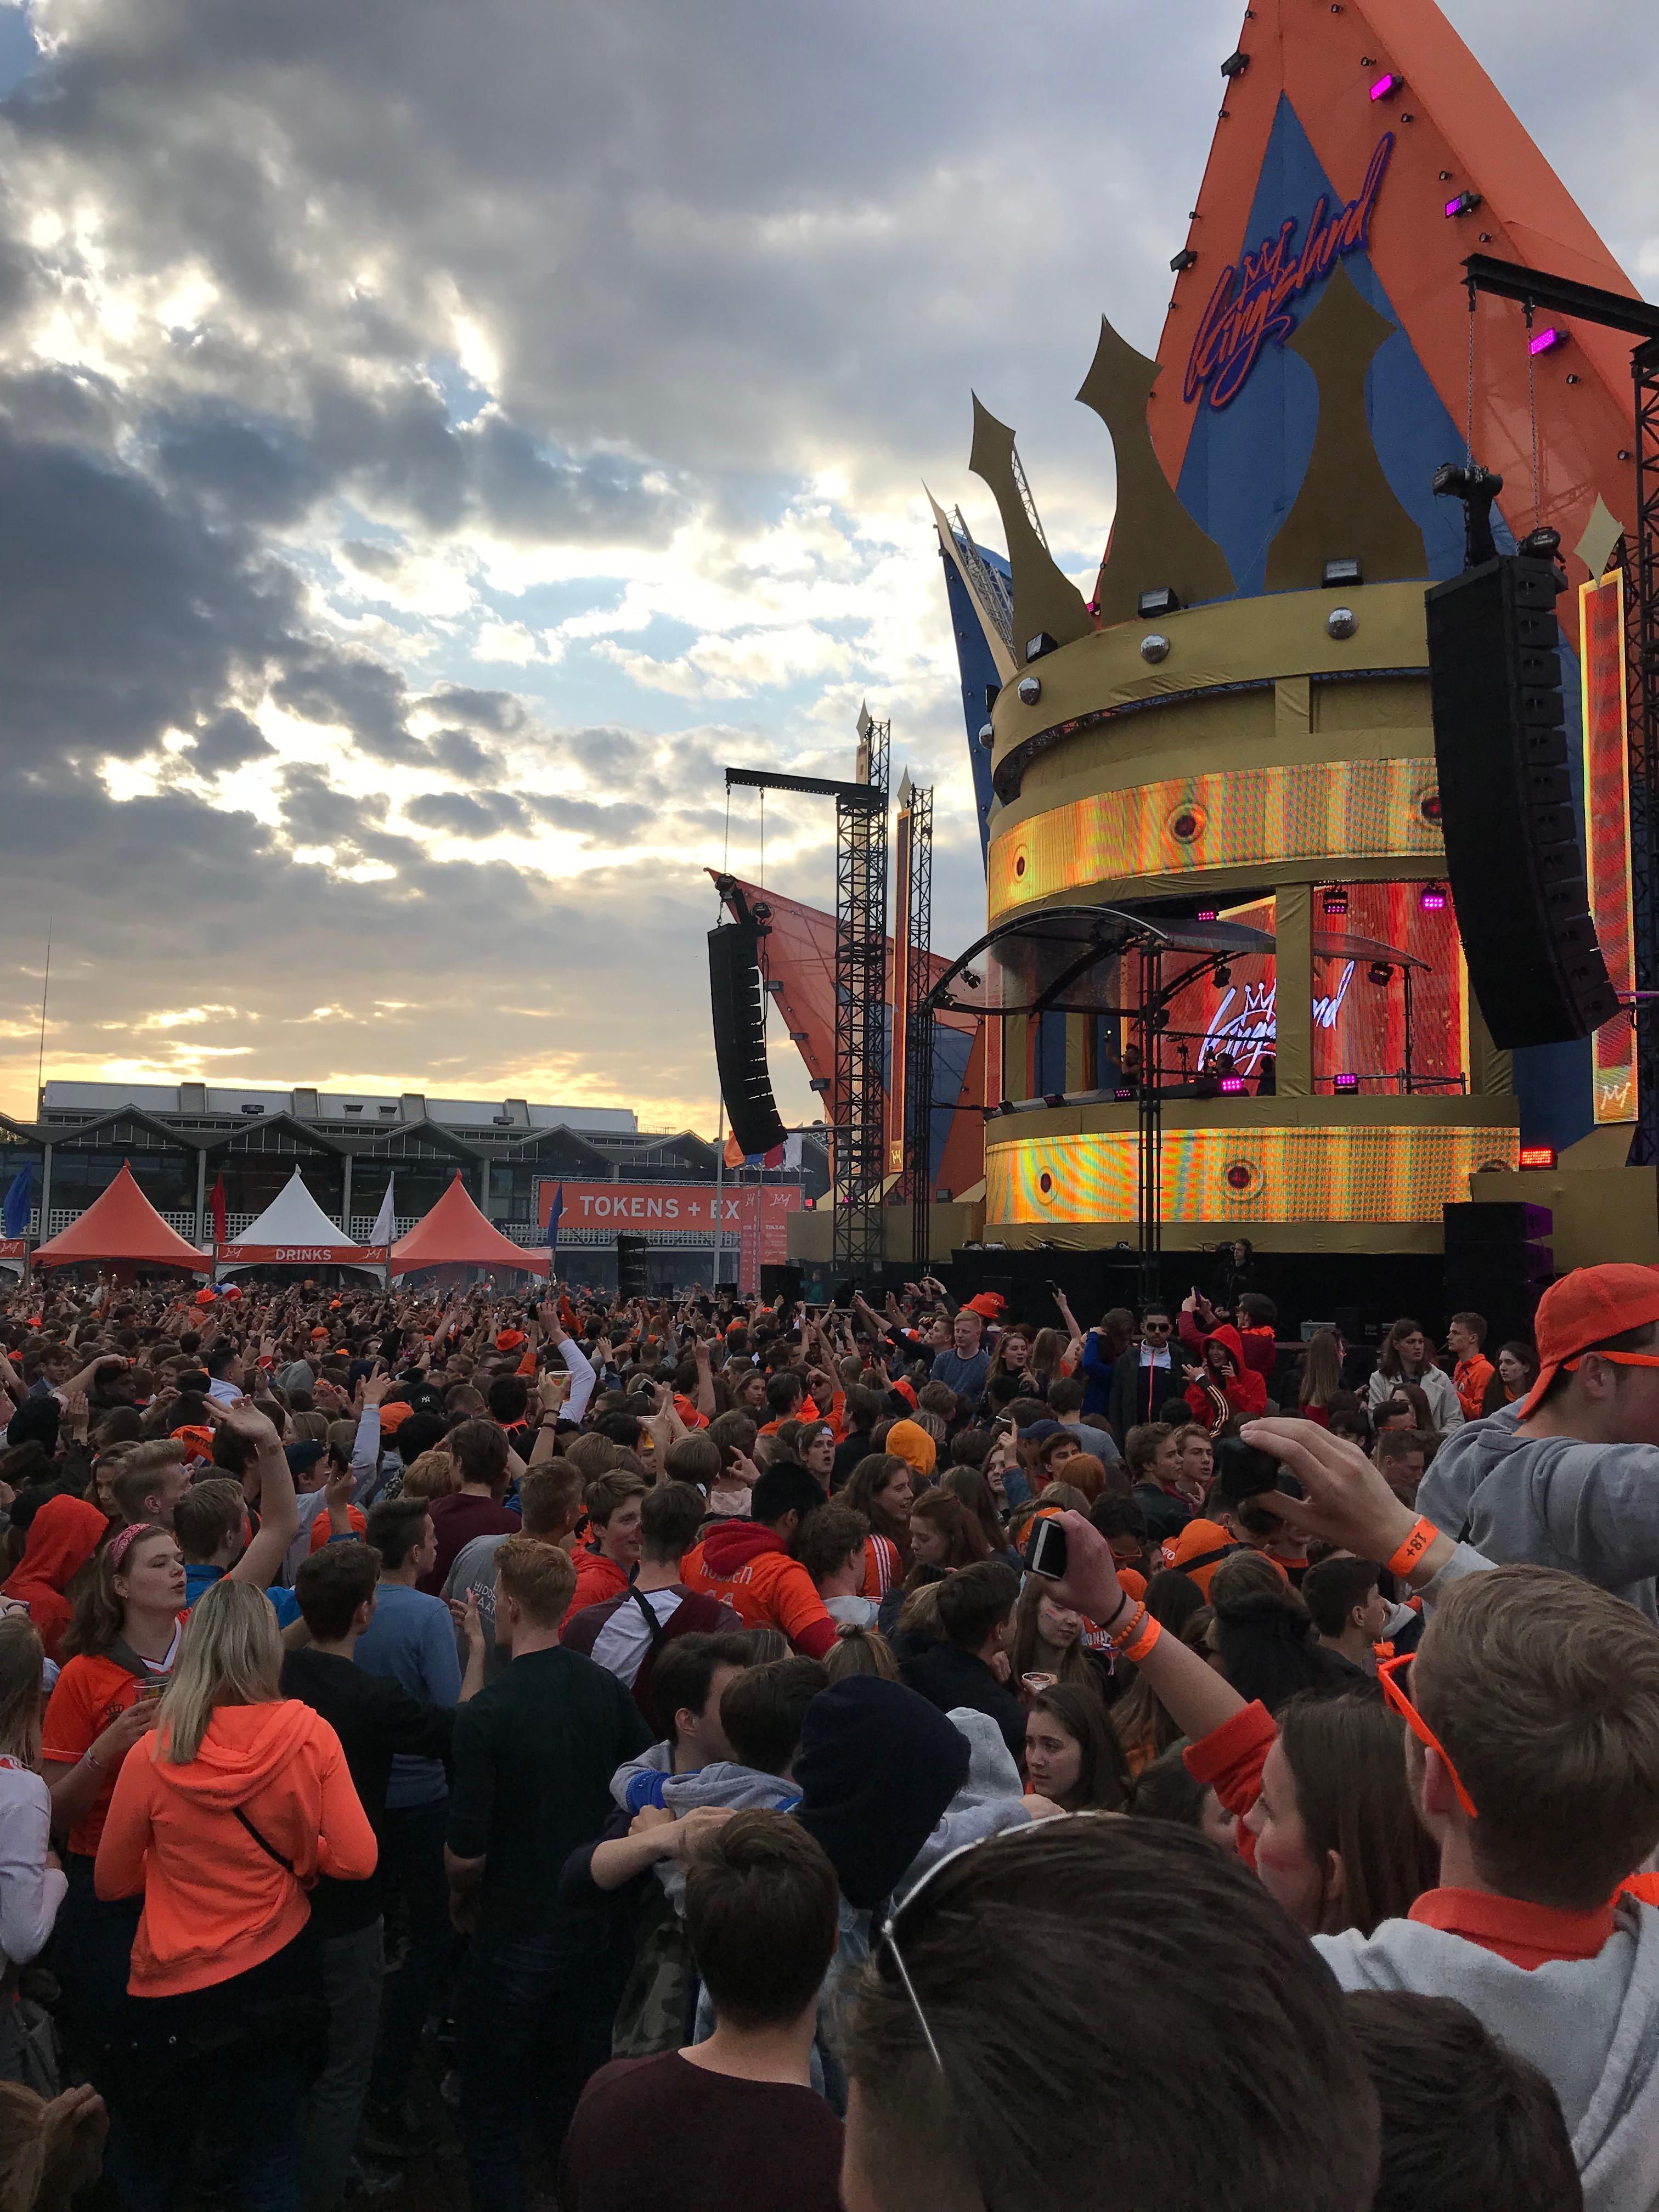 Kingsland Festival 2018